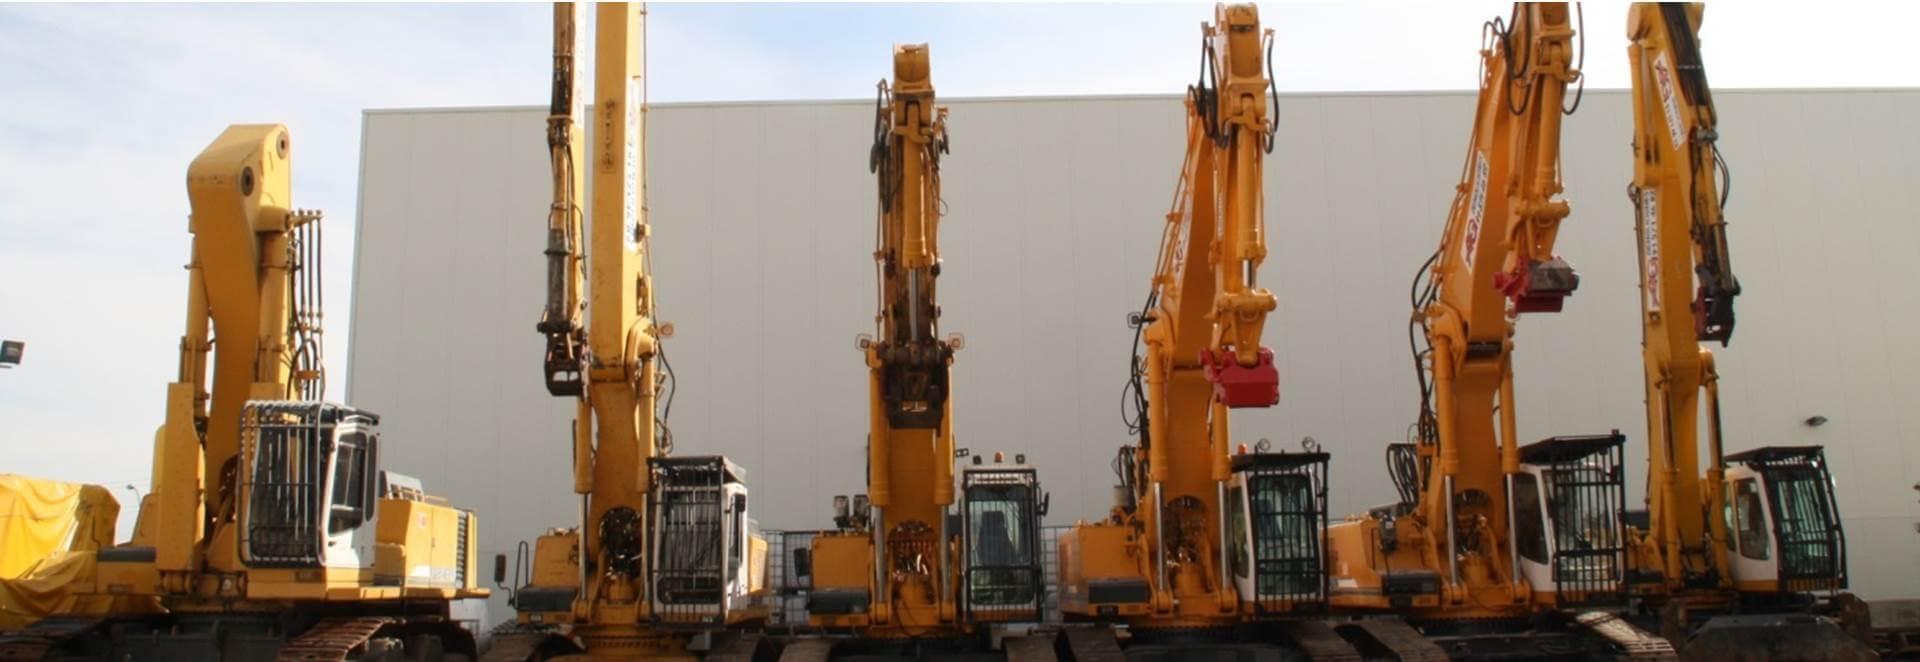 Maquinaria para demolición - AG Construcciones